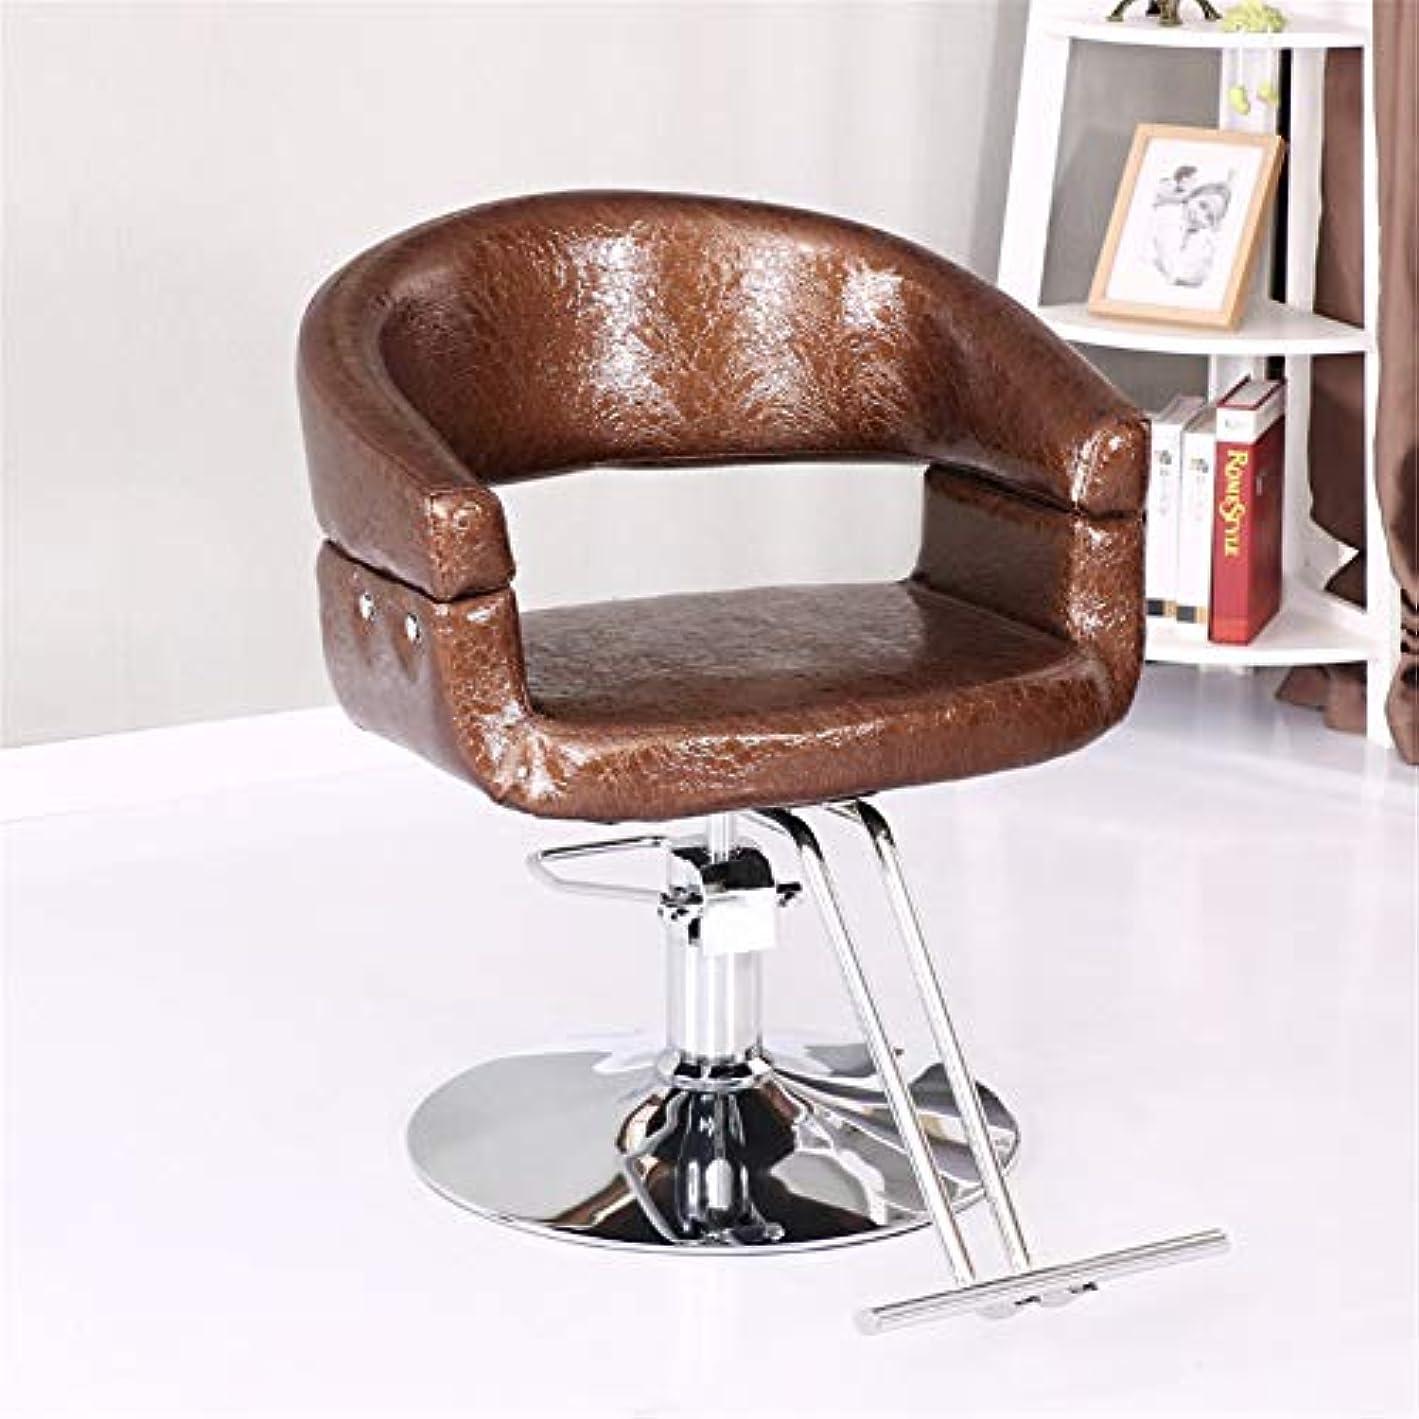 脅威寝室を掃除するリレーSalon Chair Fashion Hydraulic Barber Chair Styling Beauty Salon Equipment Round Base Stable Comfort,Brown,B